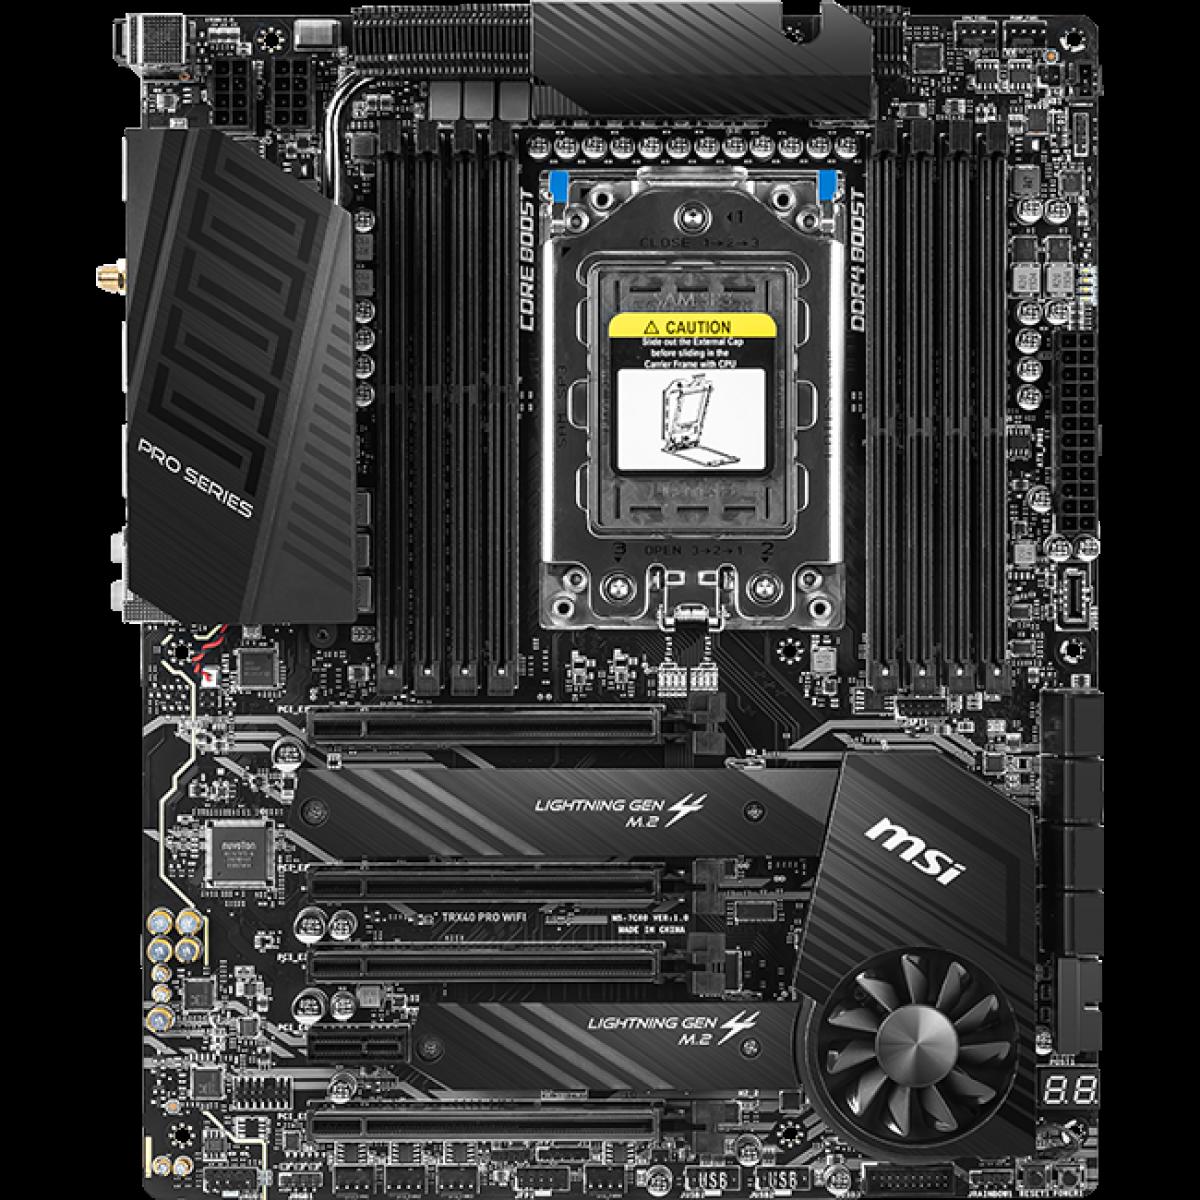 Placa Mãe MSI TRX40 PRO Wifi, Chipset TRX40, Wi-Fi, AMD TRX4, ATX, DDR4